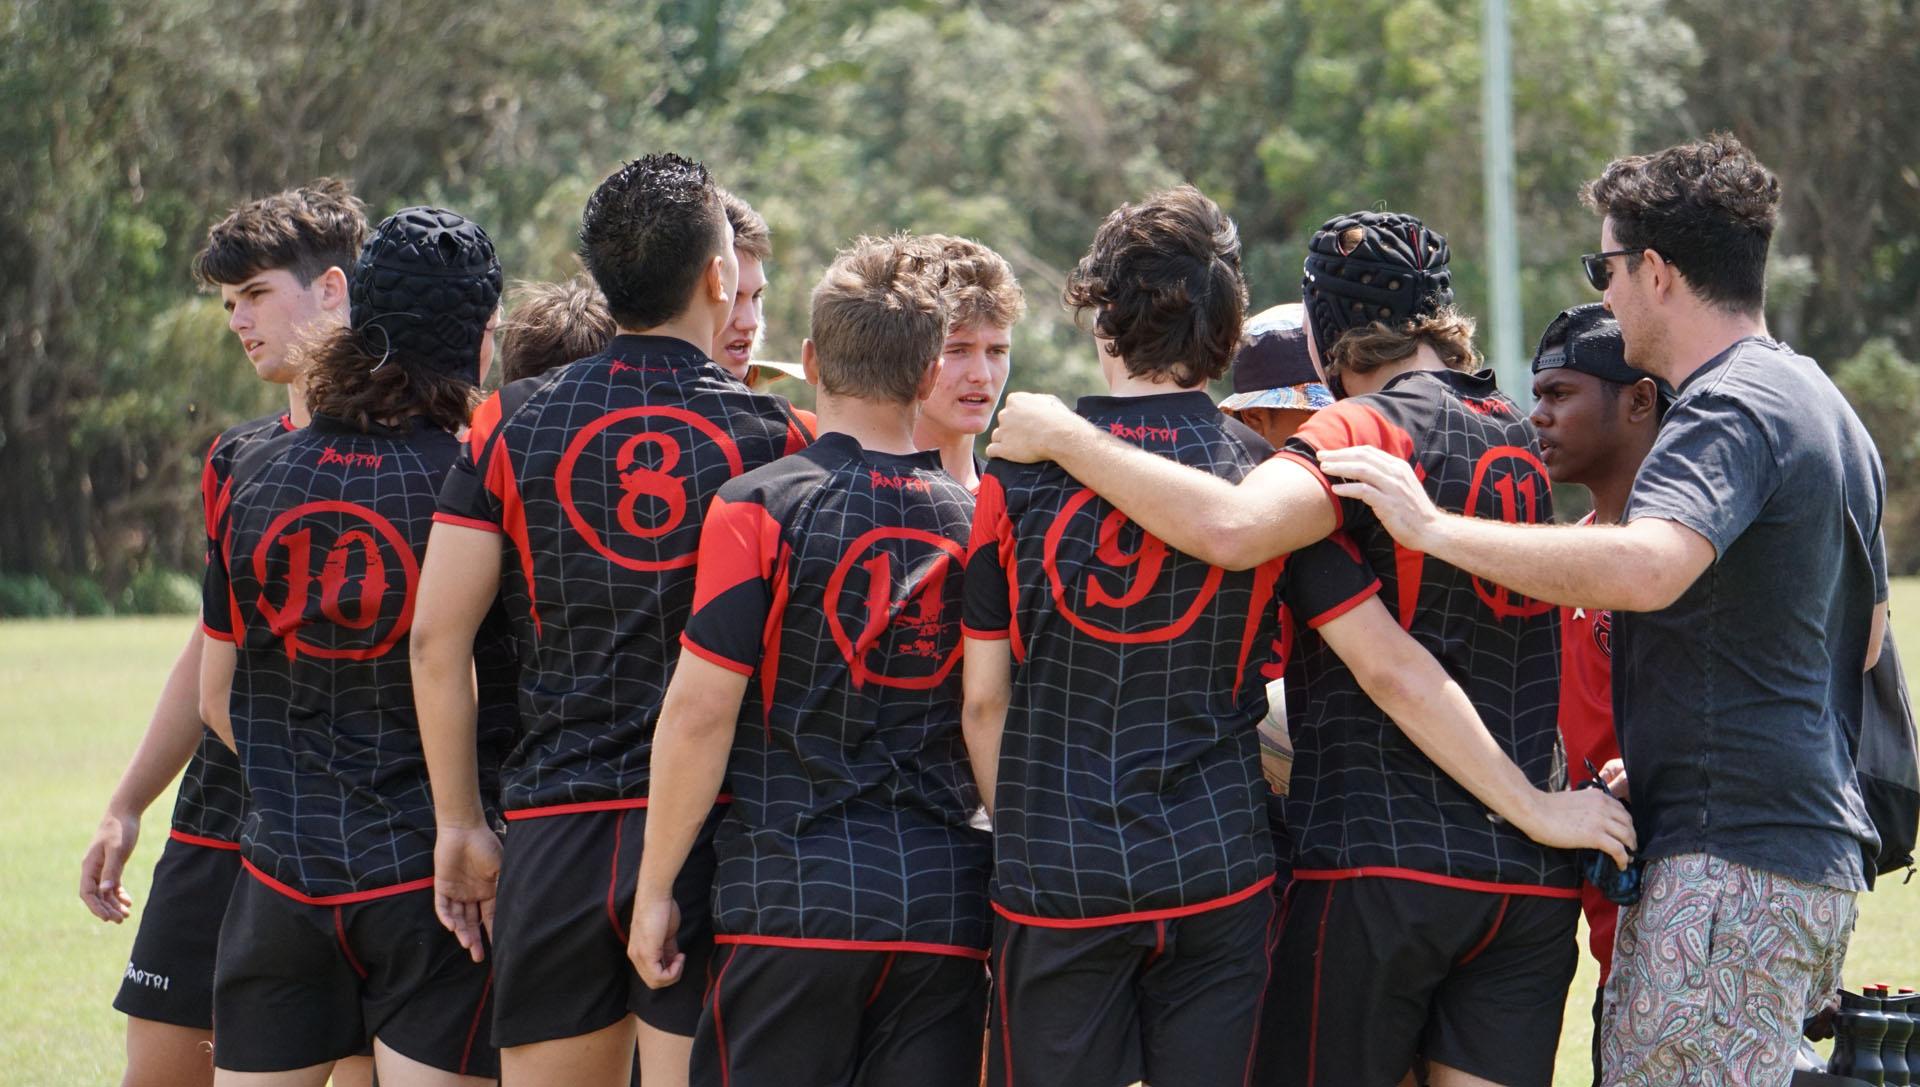 191019-20_Byron Bay Rugby 7s 2019_151